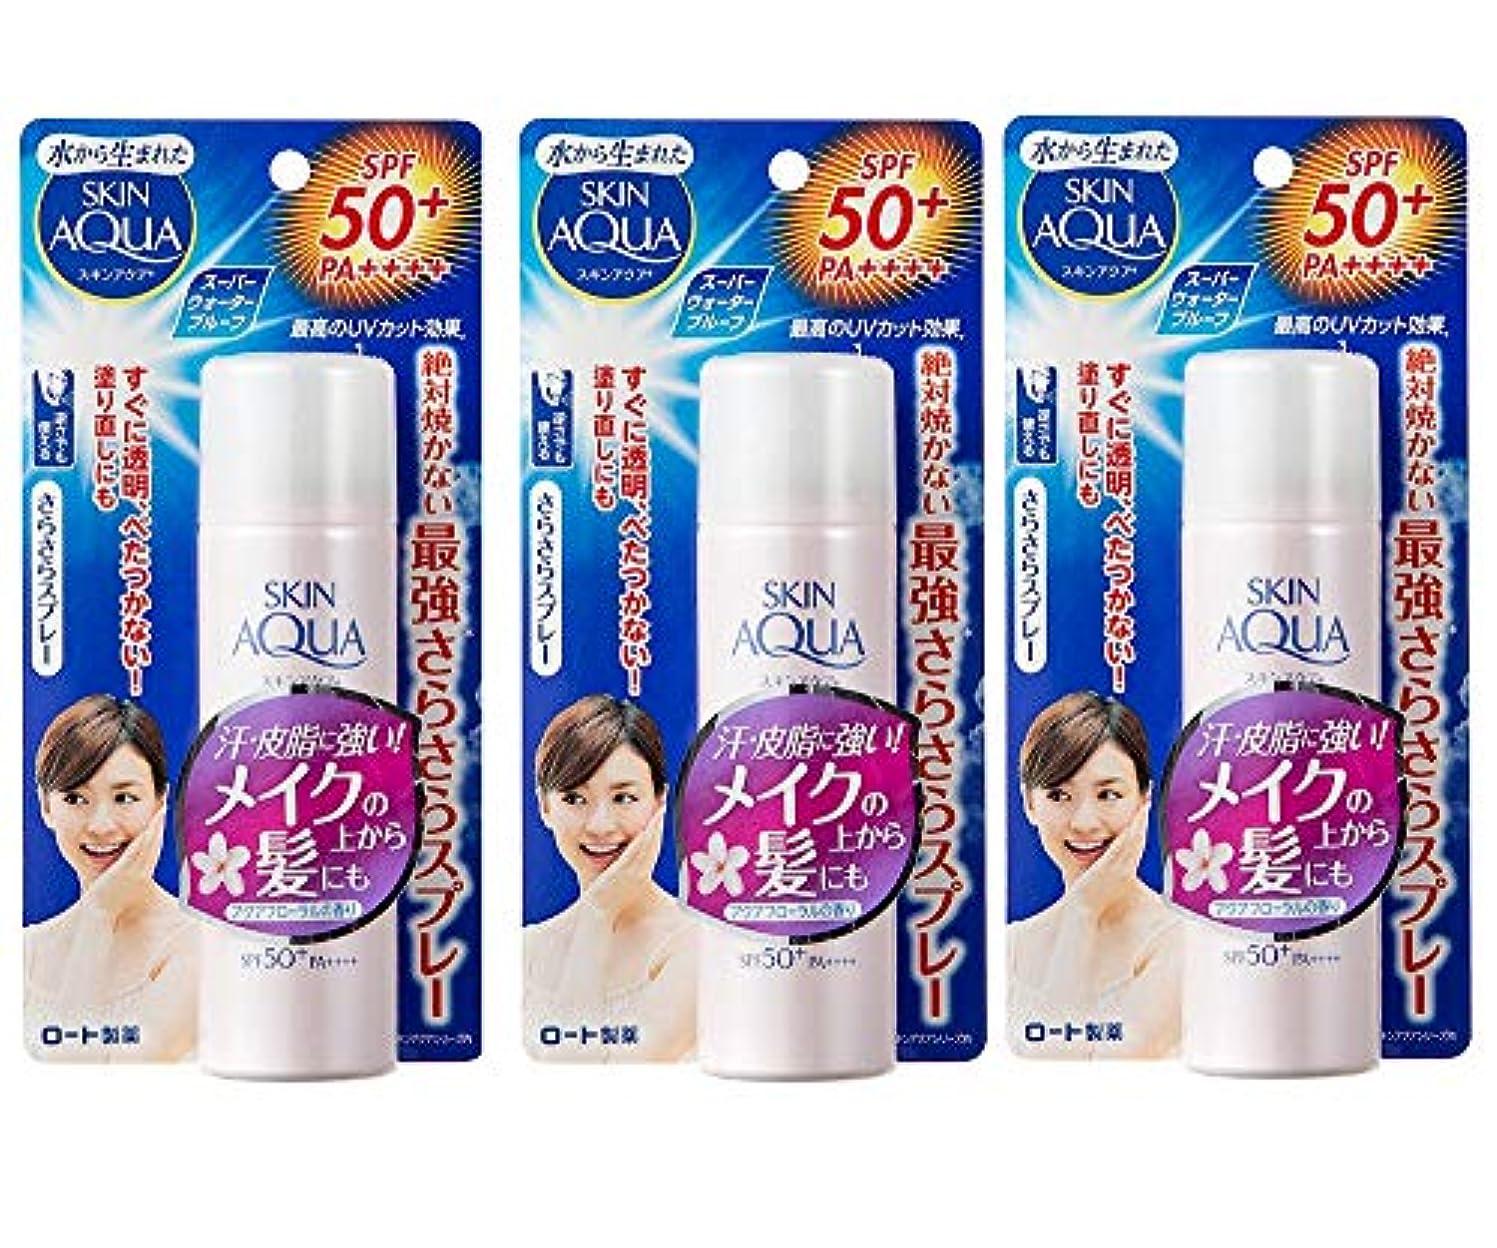 そこ雄弁スナッチ(ロート)スキンアクア サラフィットUV さらさらスプレー(SPF50+/PA++++)アクアフローラルの香り50g(お買い得3個セット)